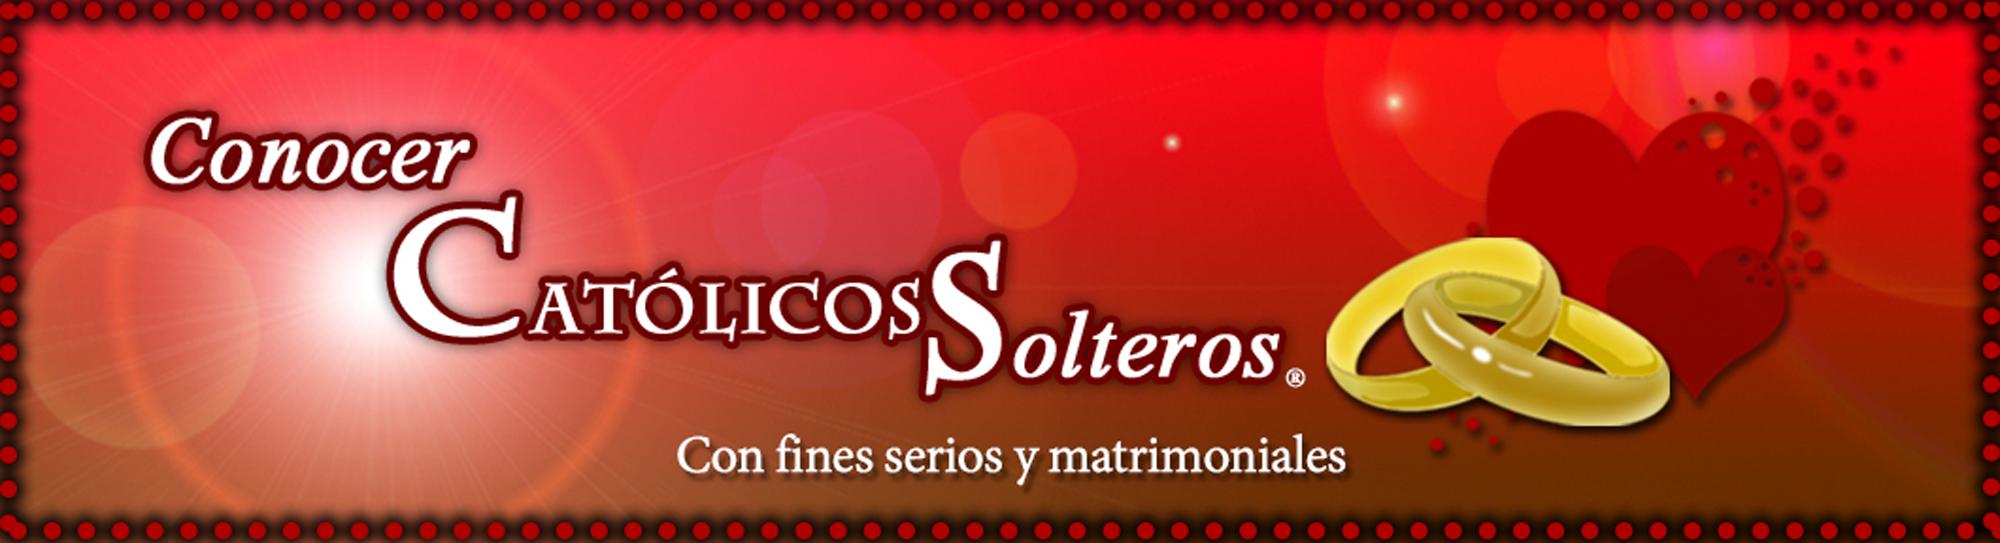 Solteros catolicos argentinos homem para sexo Taboão da Serra-82905